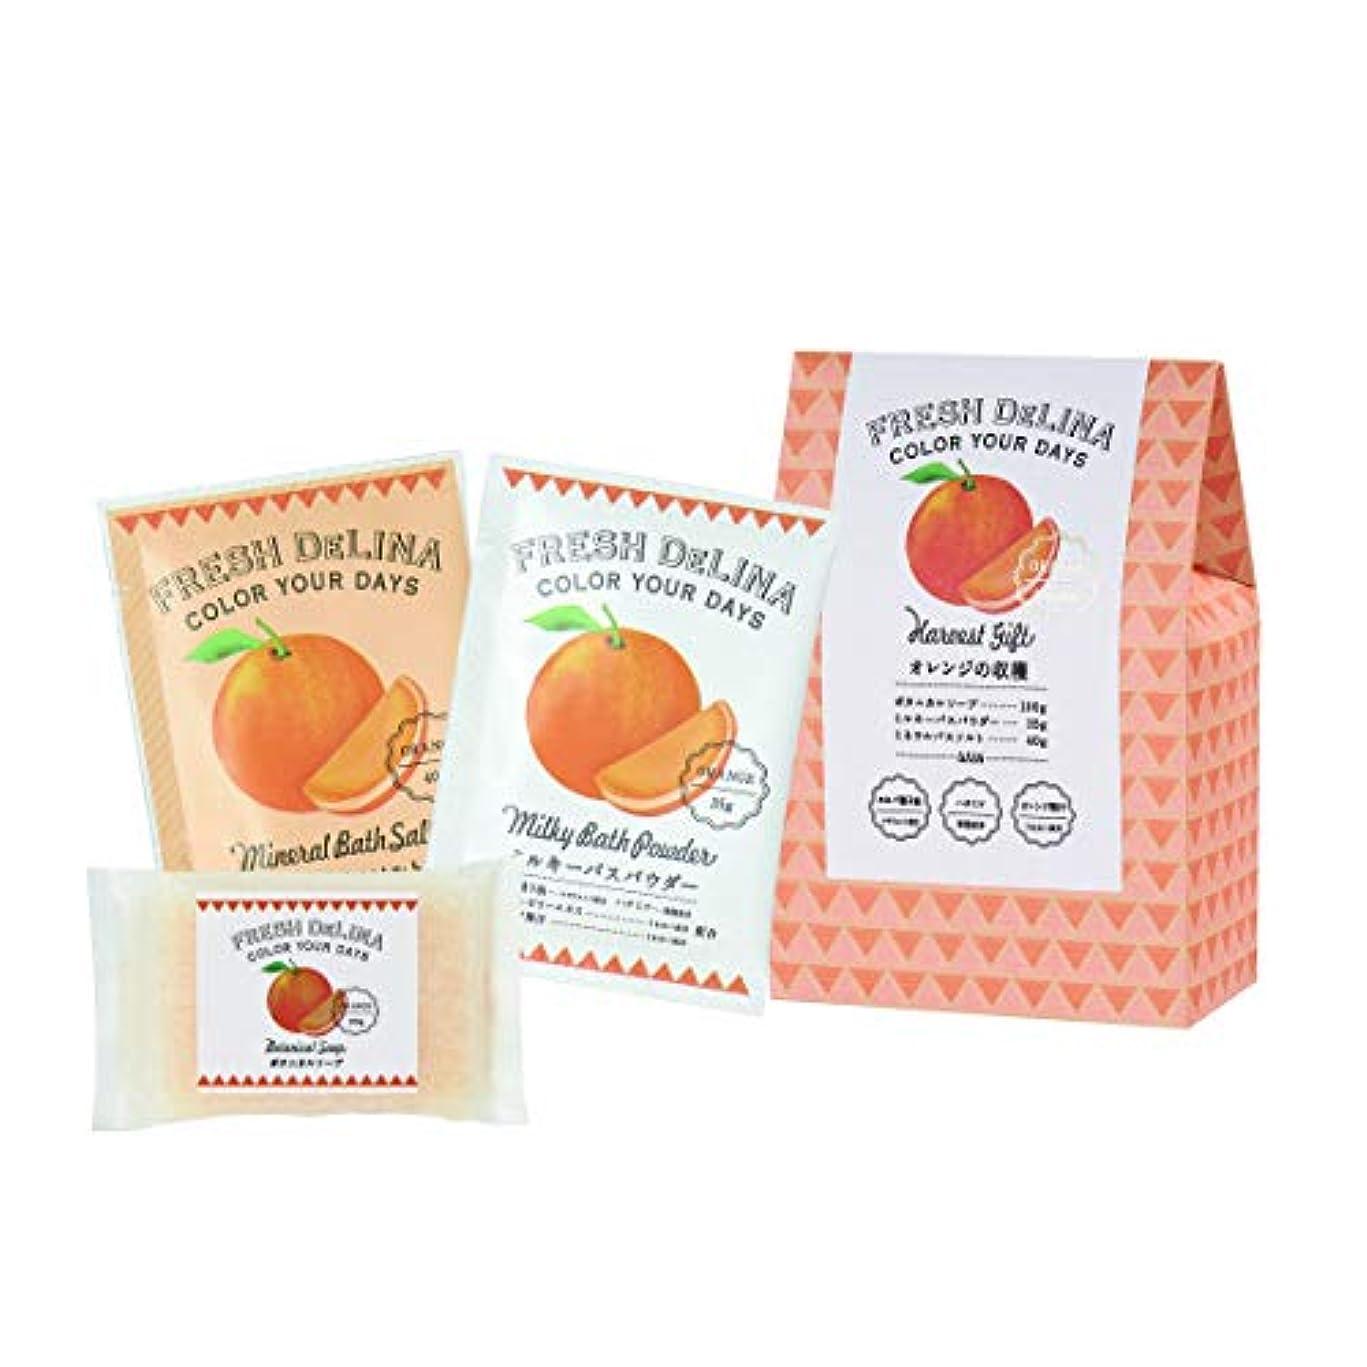 移民スロープ疫病フレッシュデリーナ ハーベストギフト オレンジ (ミルキバスパウダー35g、ミネラルバスソルト40g、ボタニカルソープ100g 「各1個」)